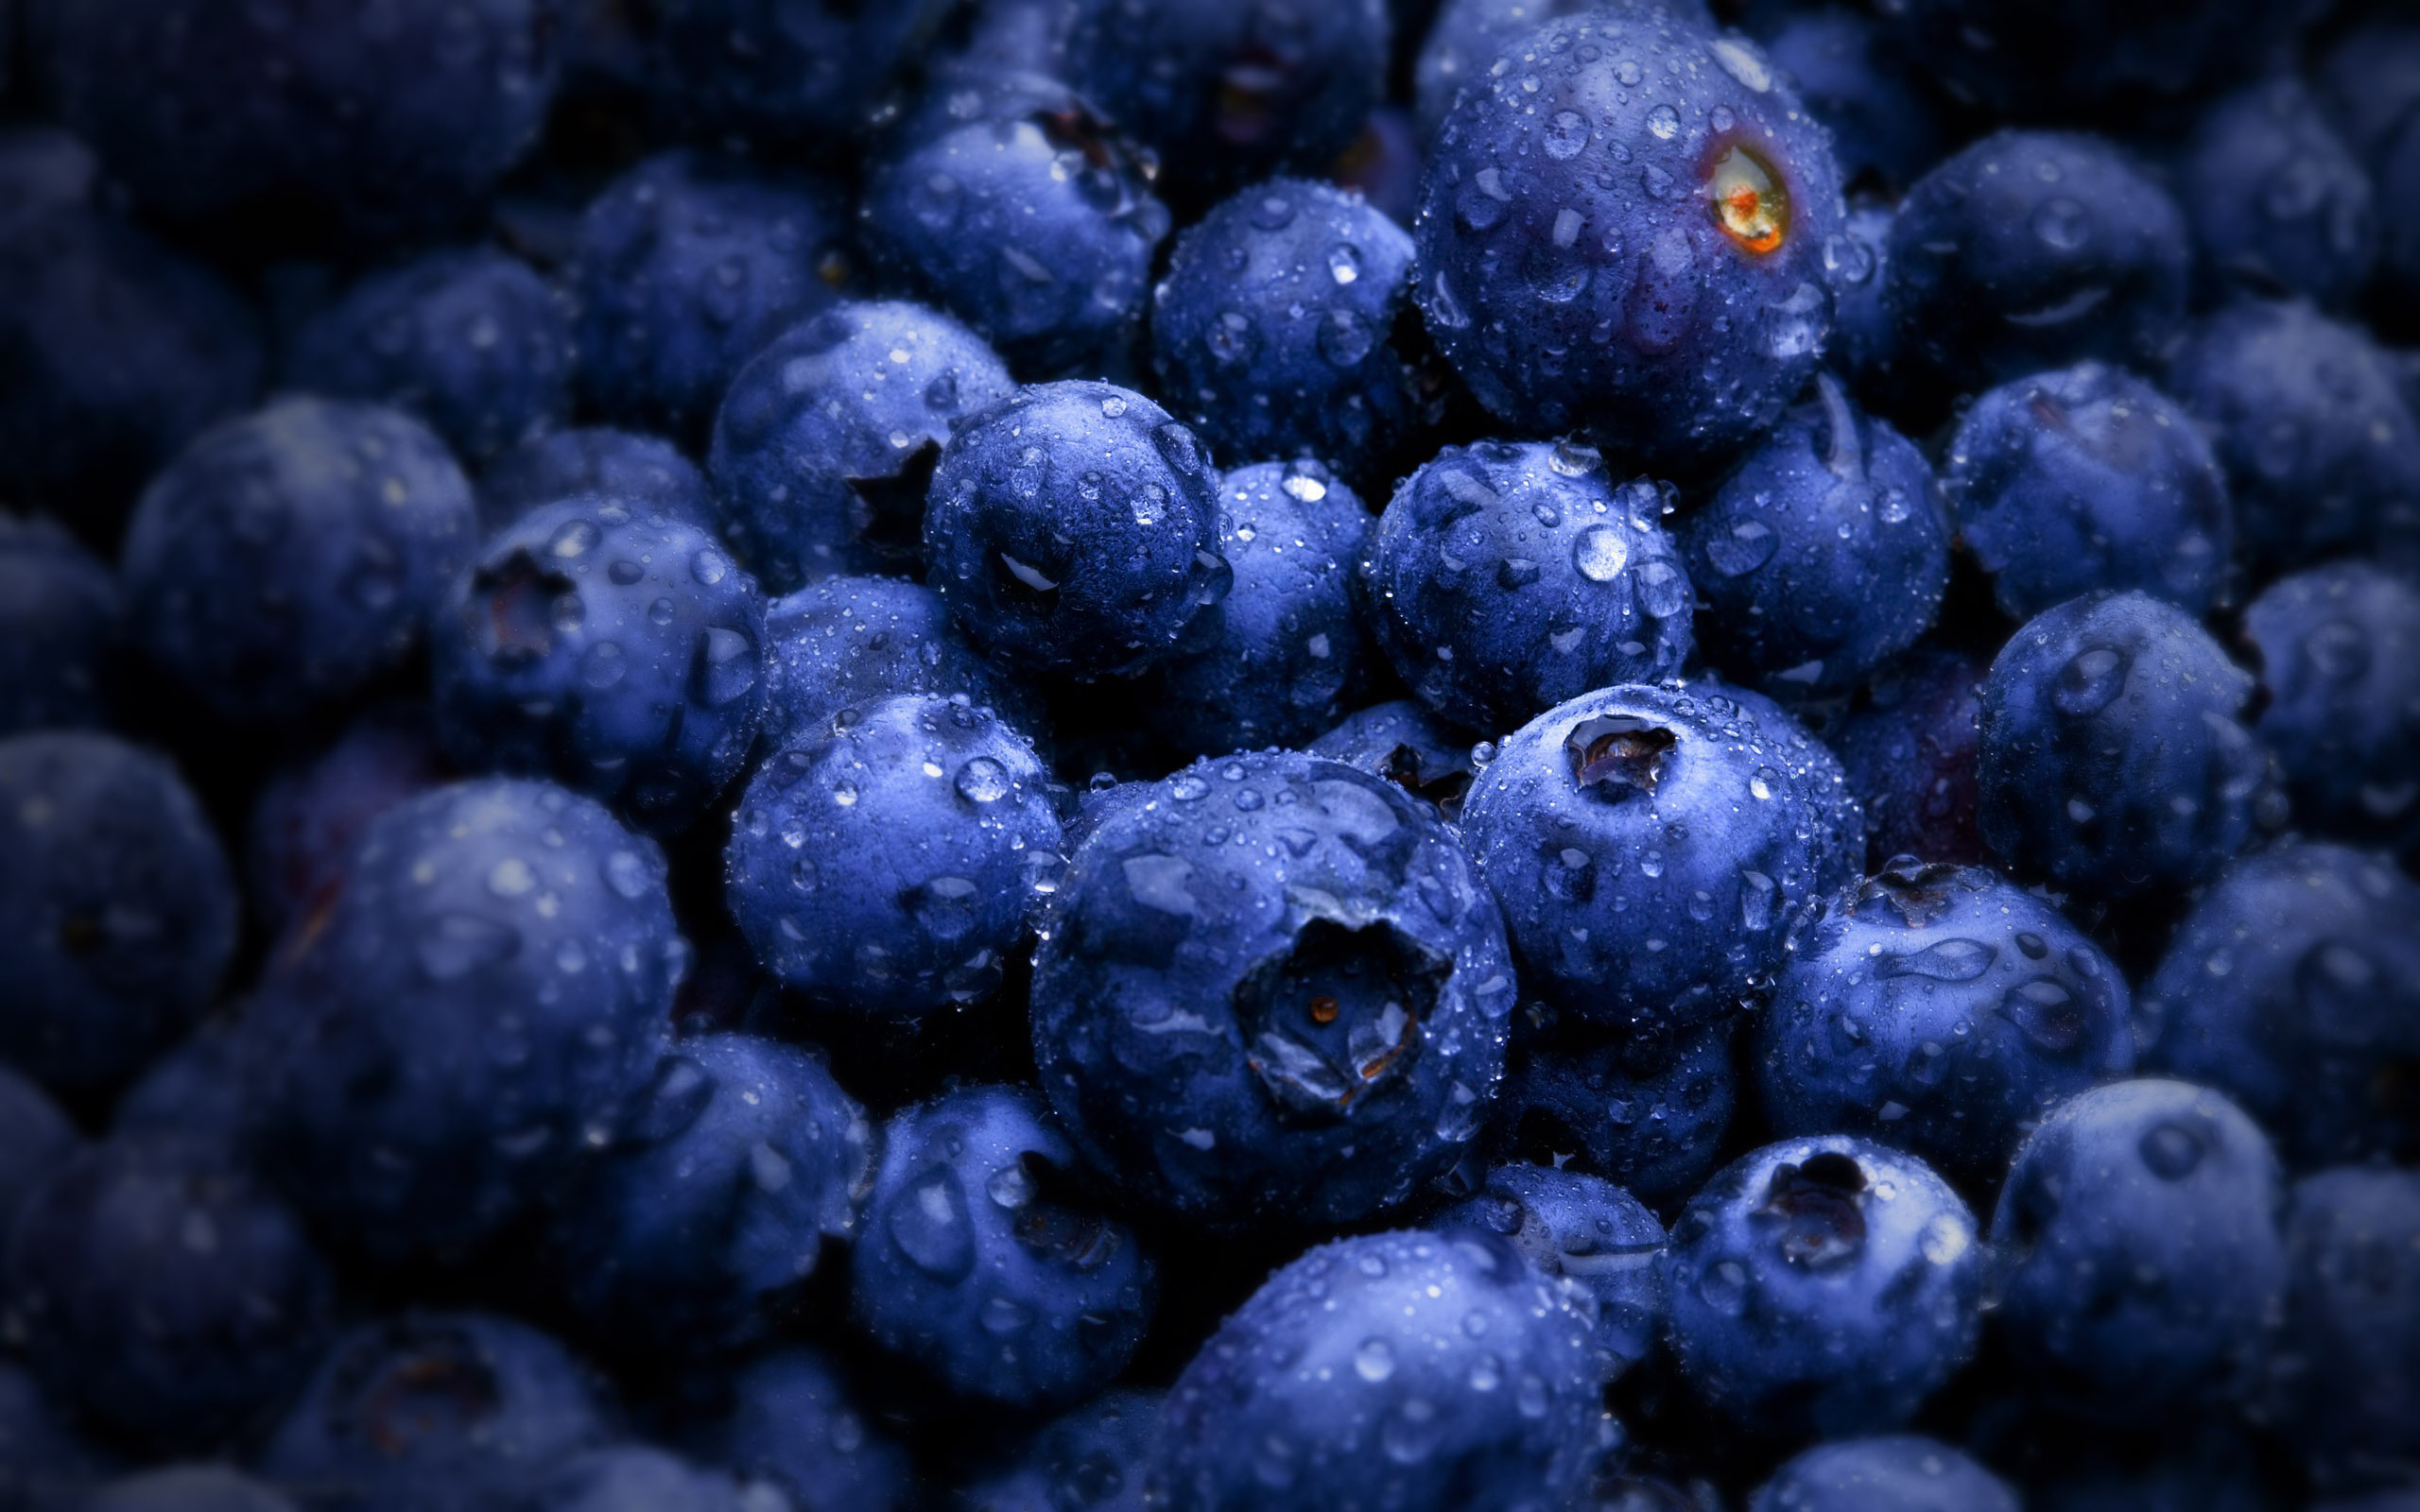 Лесные ягоды  № 2169682 без смс